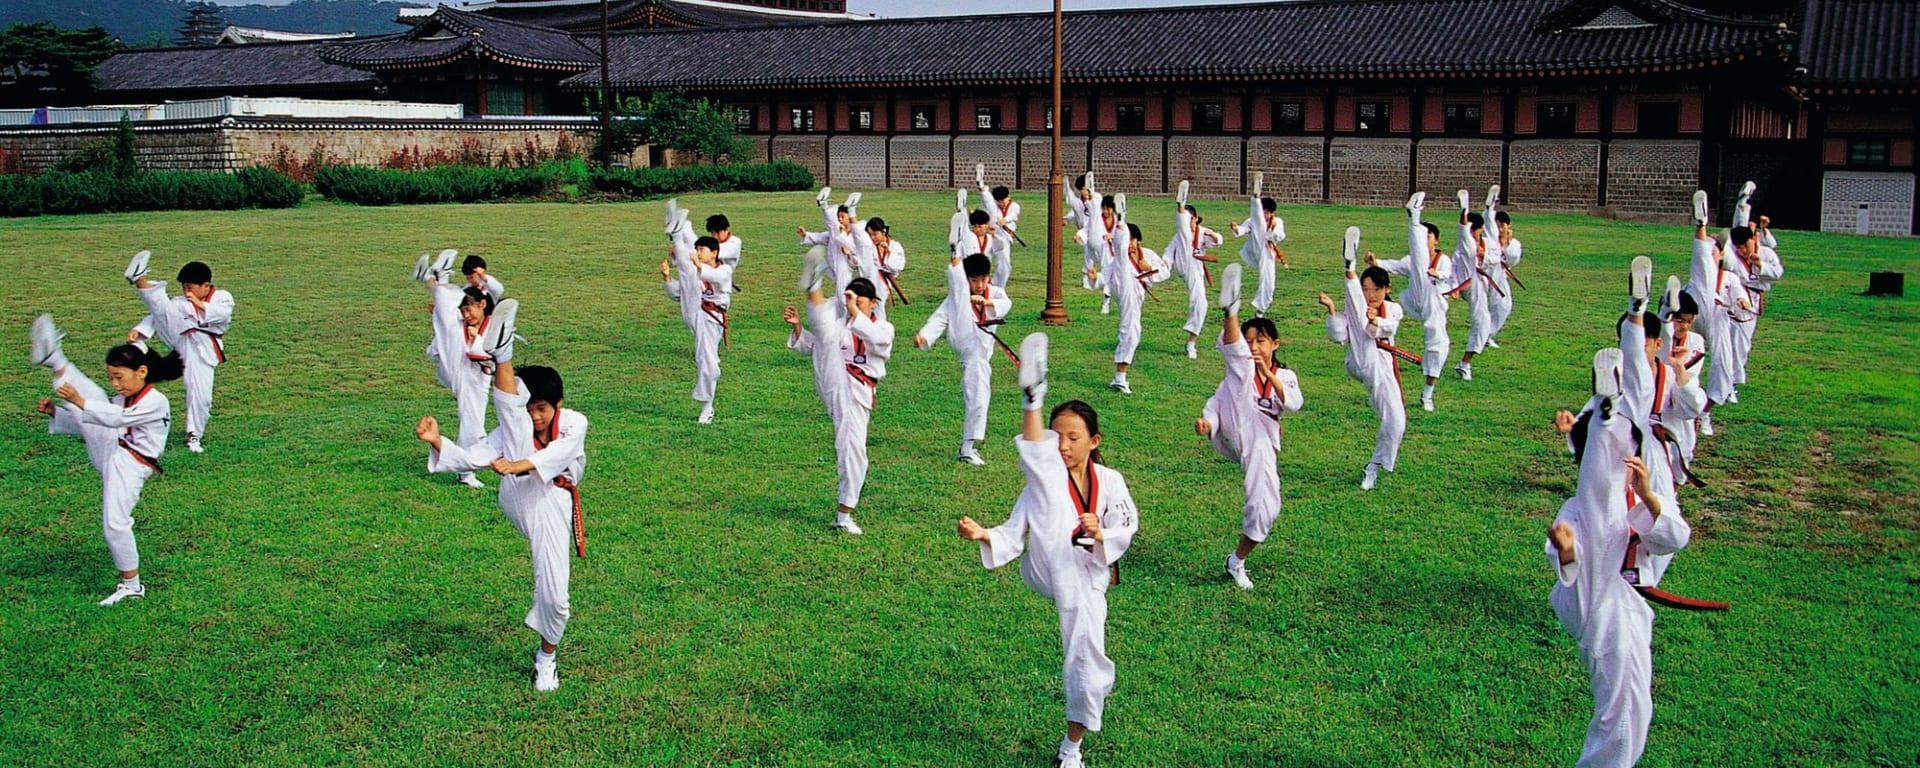 Découverte active de la Corée du Sud de Séoul: Taekwondo